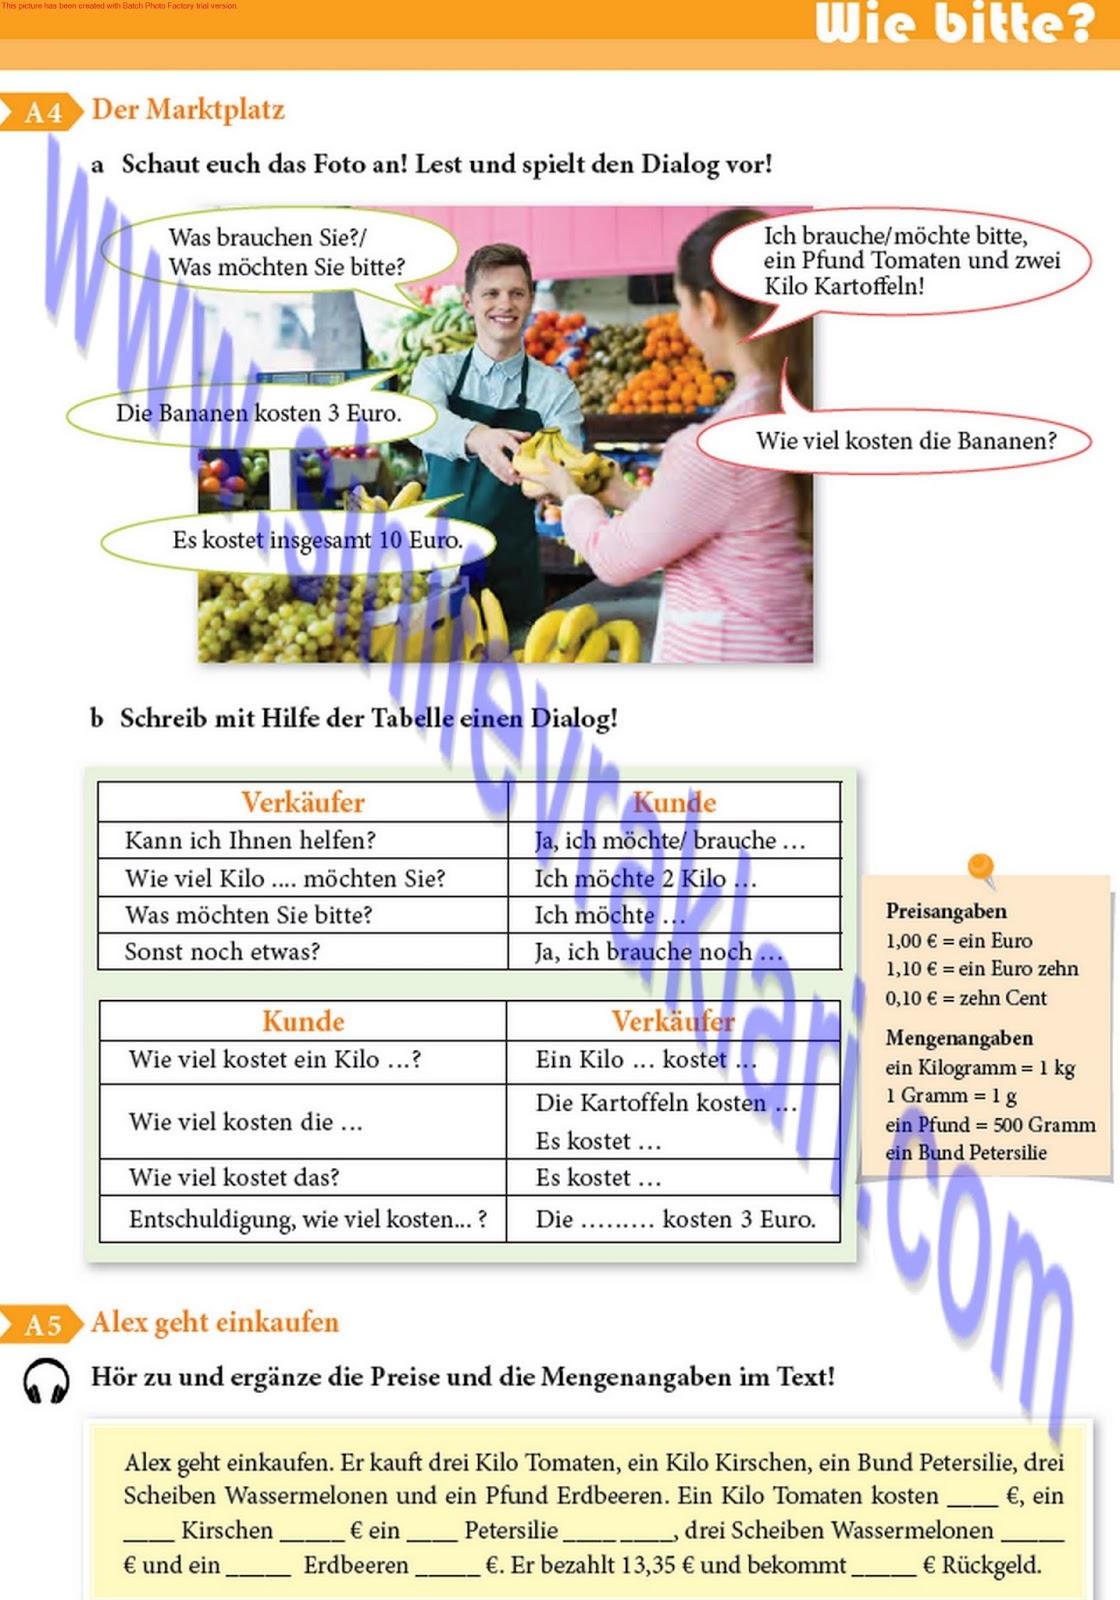 9 Sınıf Almanca A11 Ders Kitabı Cevapları Sayfa 53 Ders Kitabı